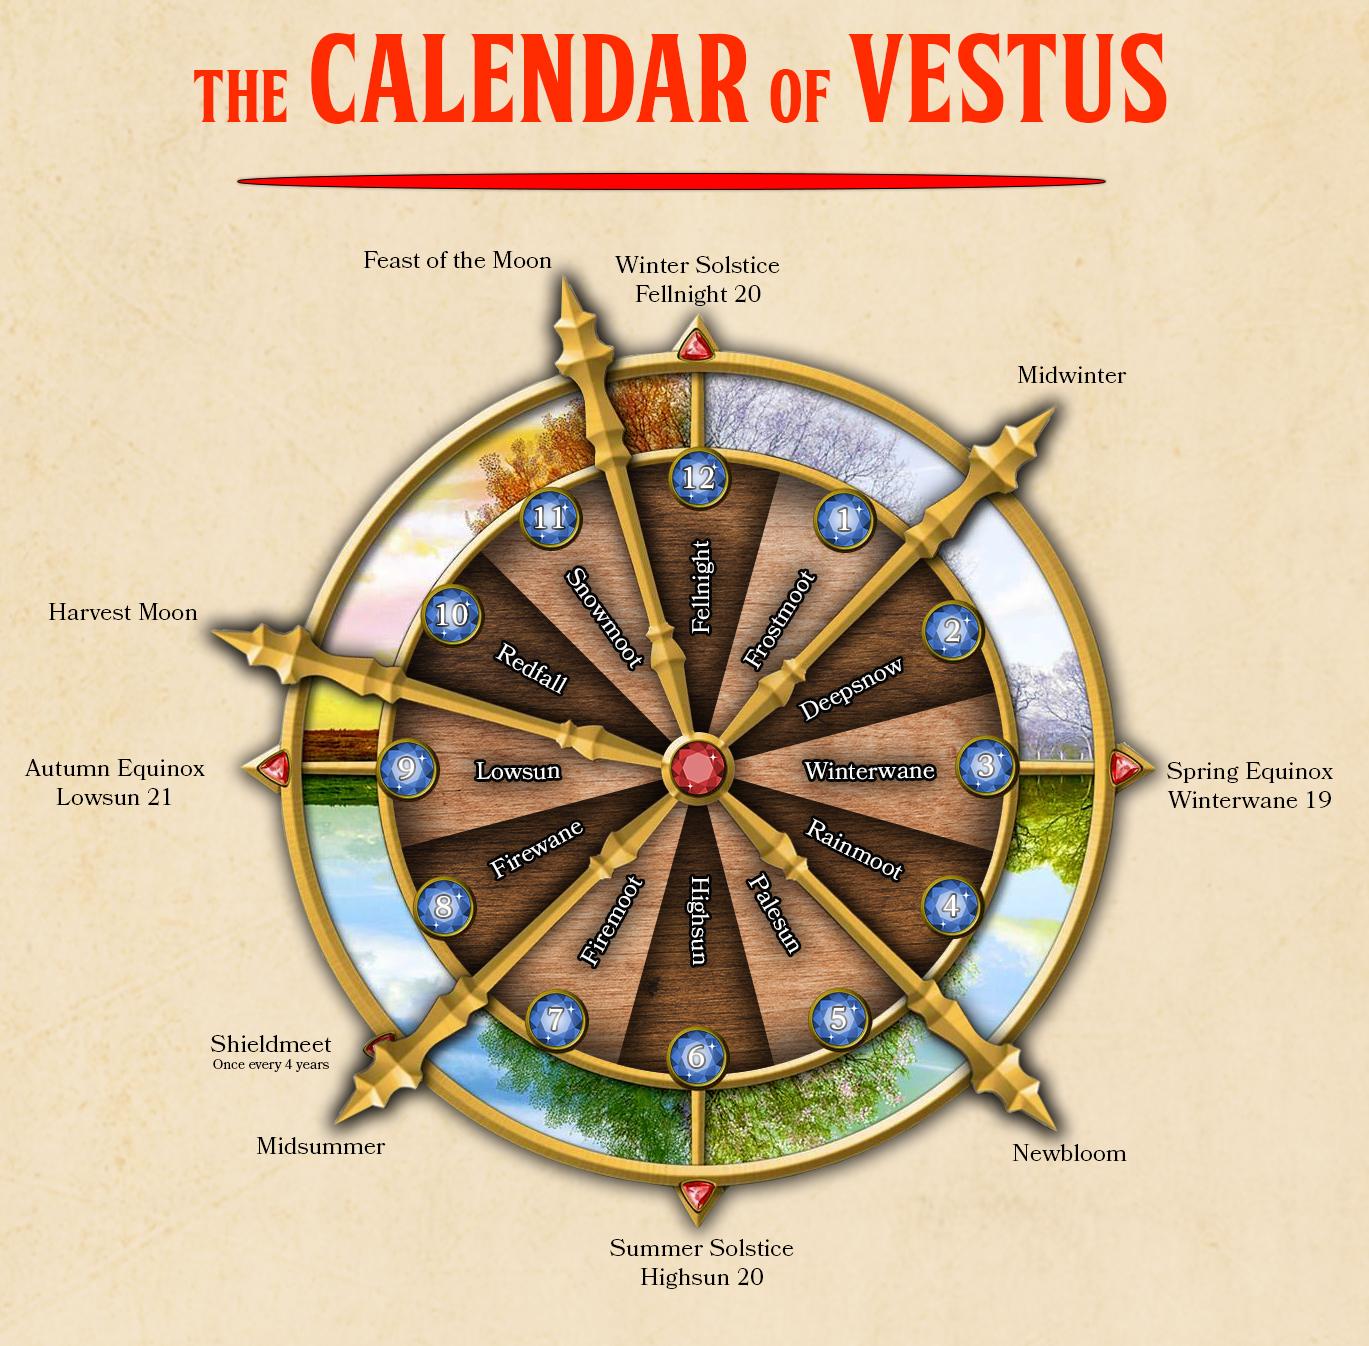 calendarVestus.jpg